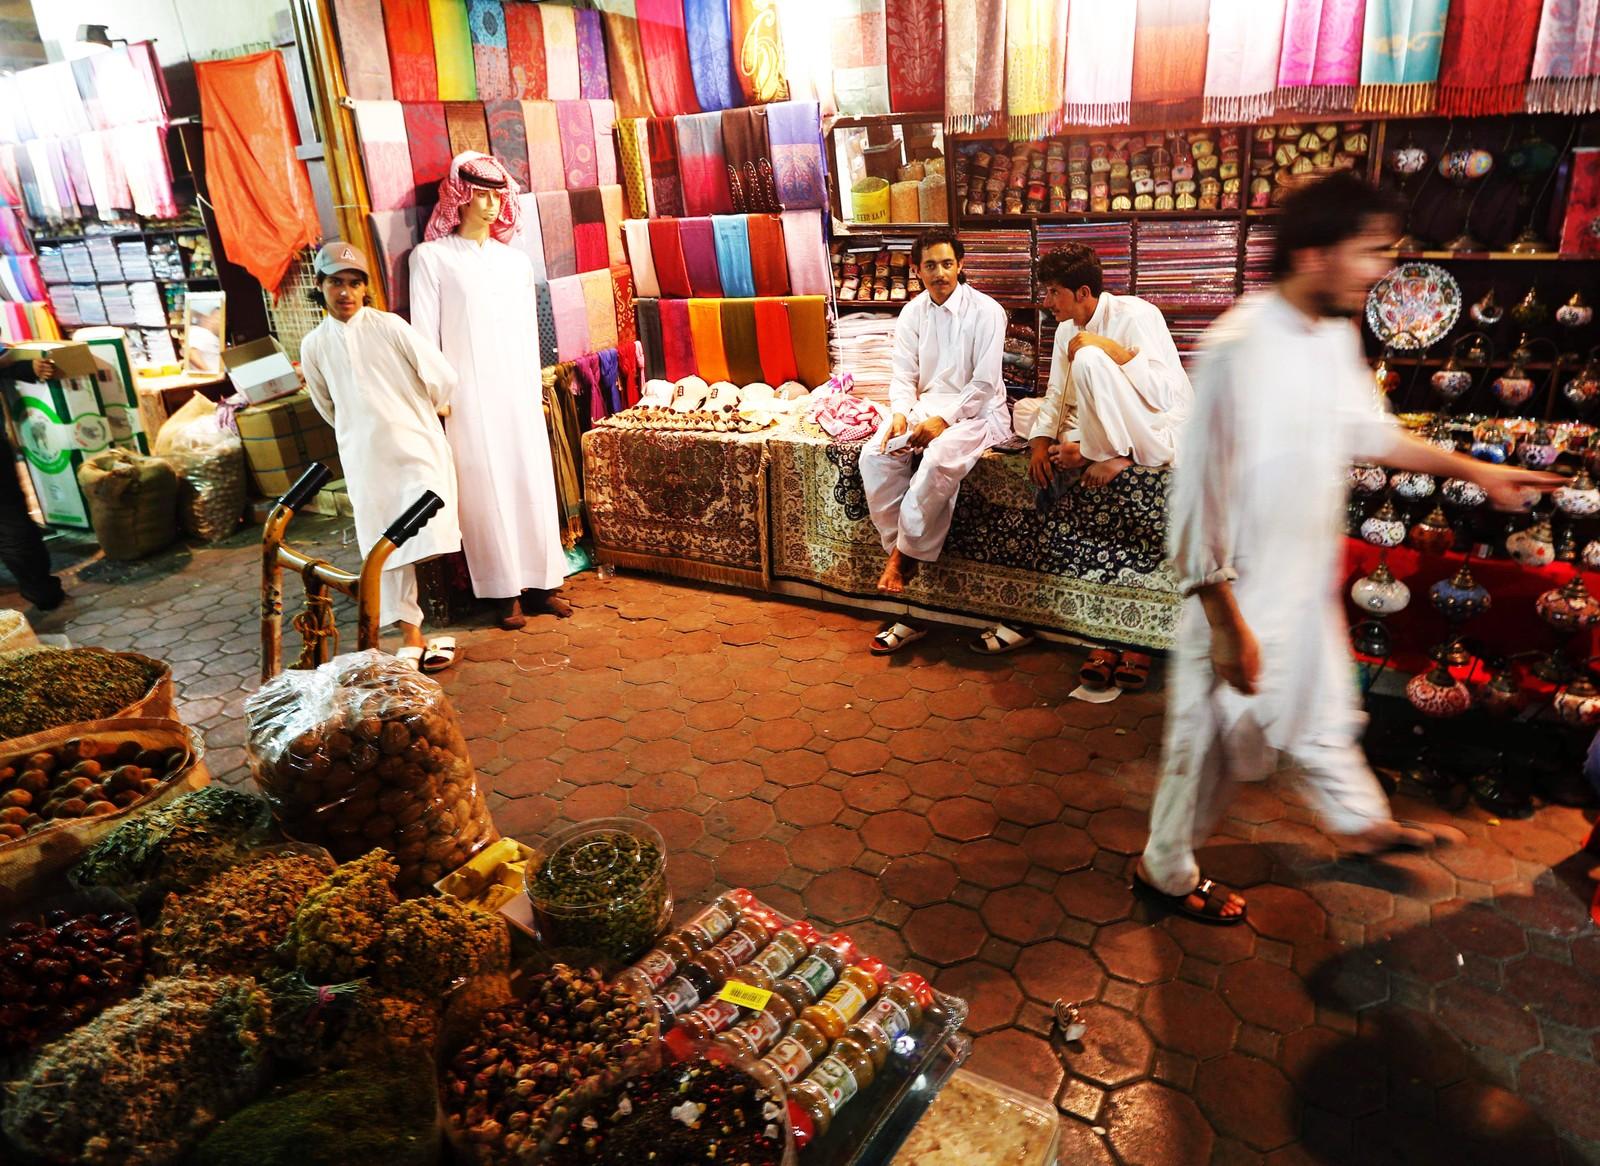 Krydderbutikk i Dubai i Emiratene søndag kveld før fasten ble innledet.